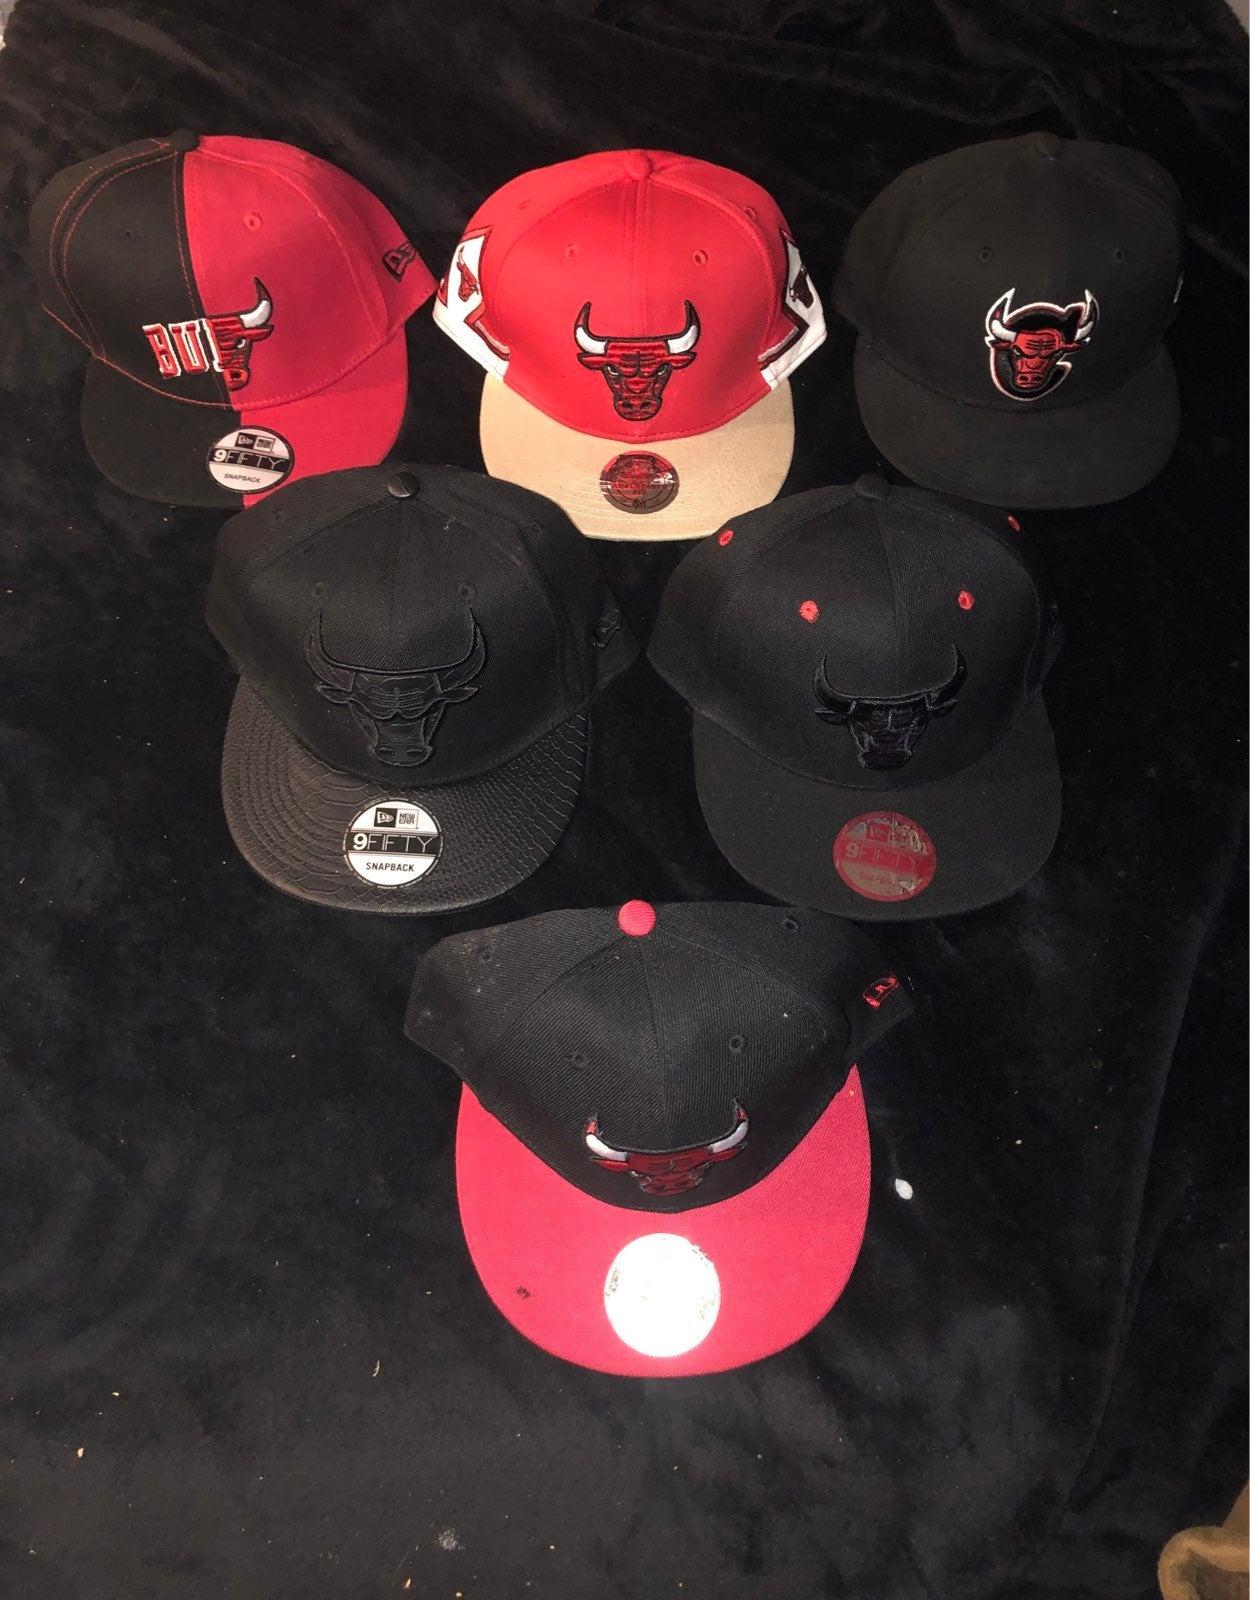 New Era snapback hats for men